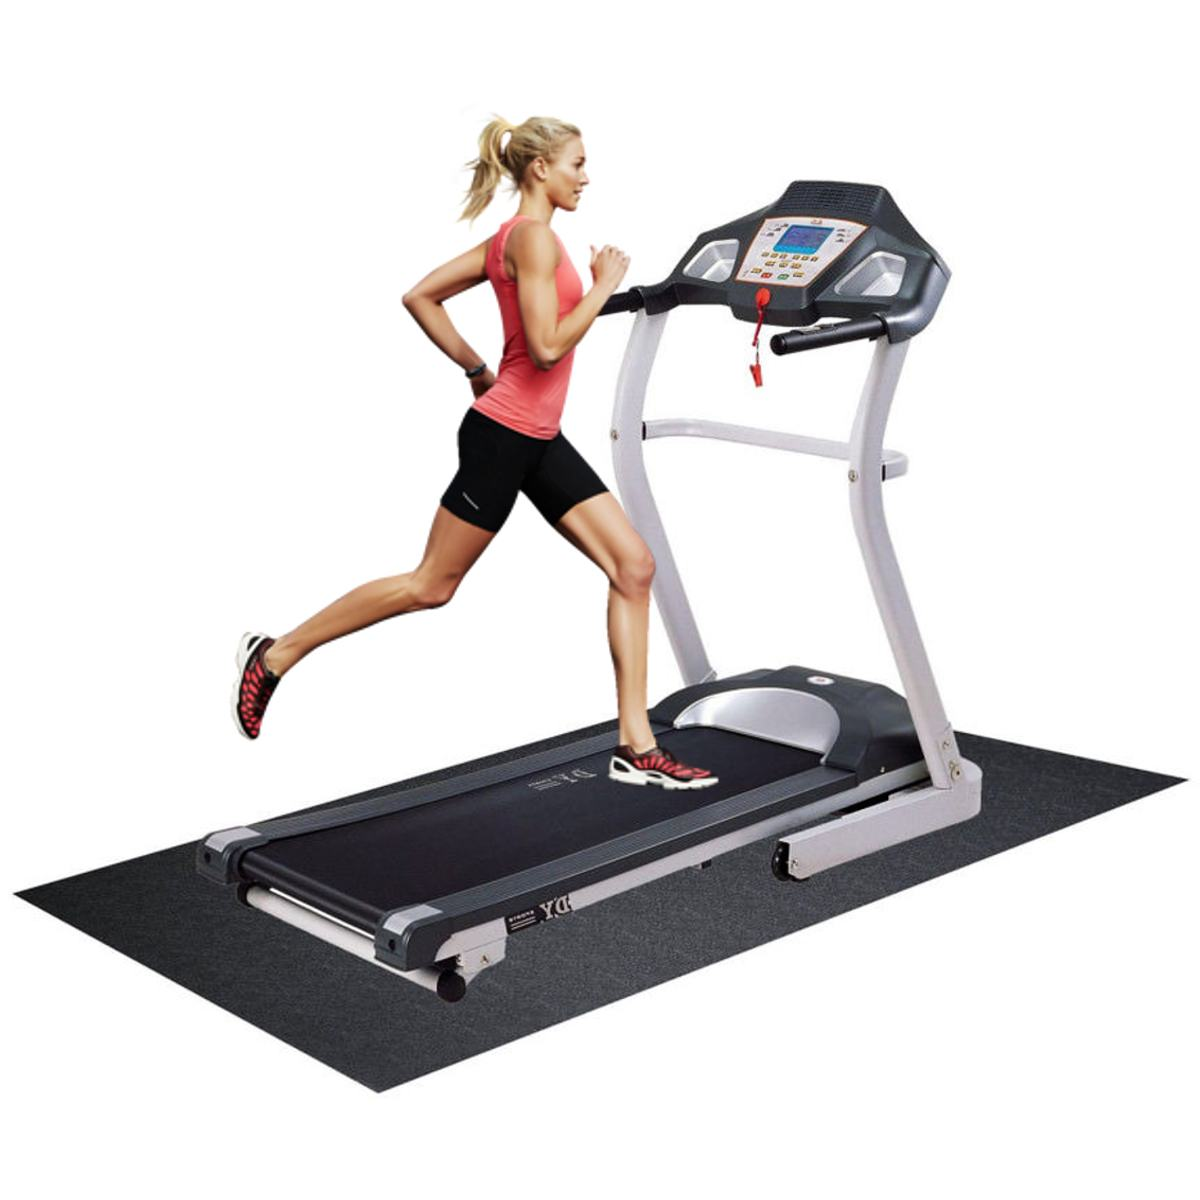 Nbr Exercise Mat Gym Fitness Equipment